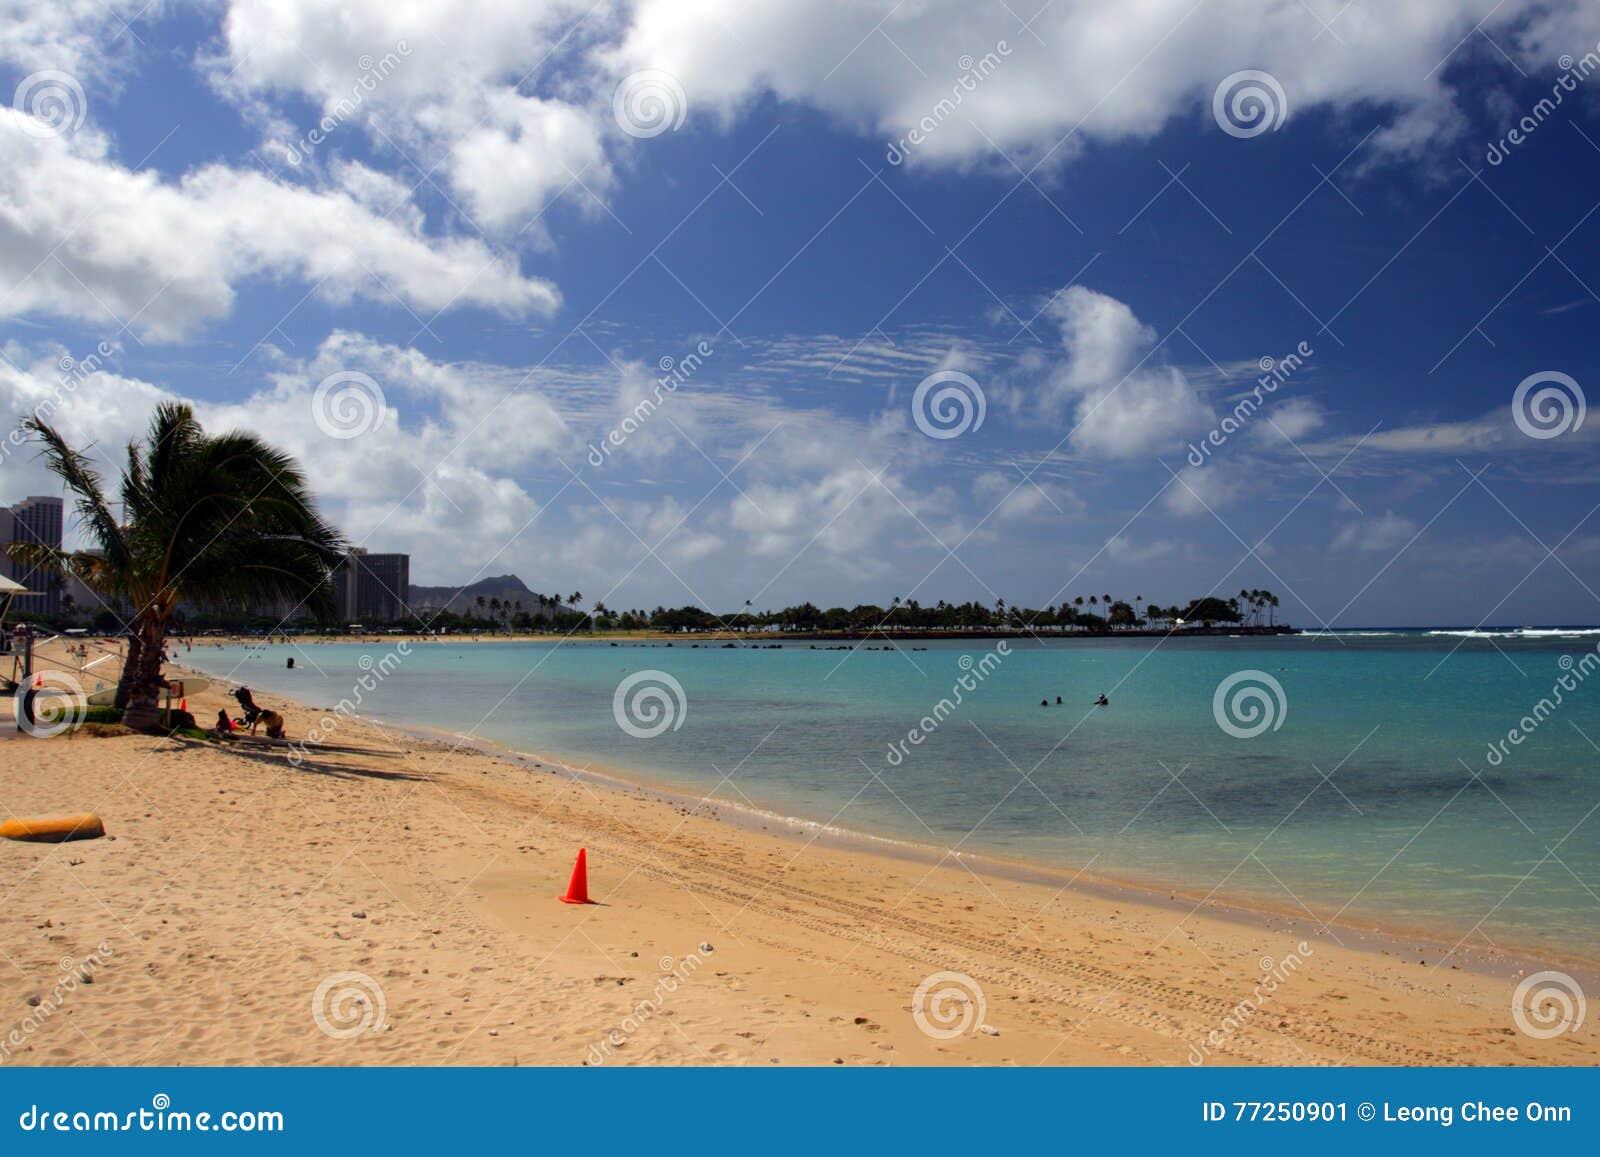 Imagen común de la playa de Waikiki, Honolulu, Oahu, Hawaii